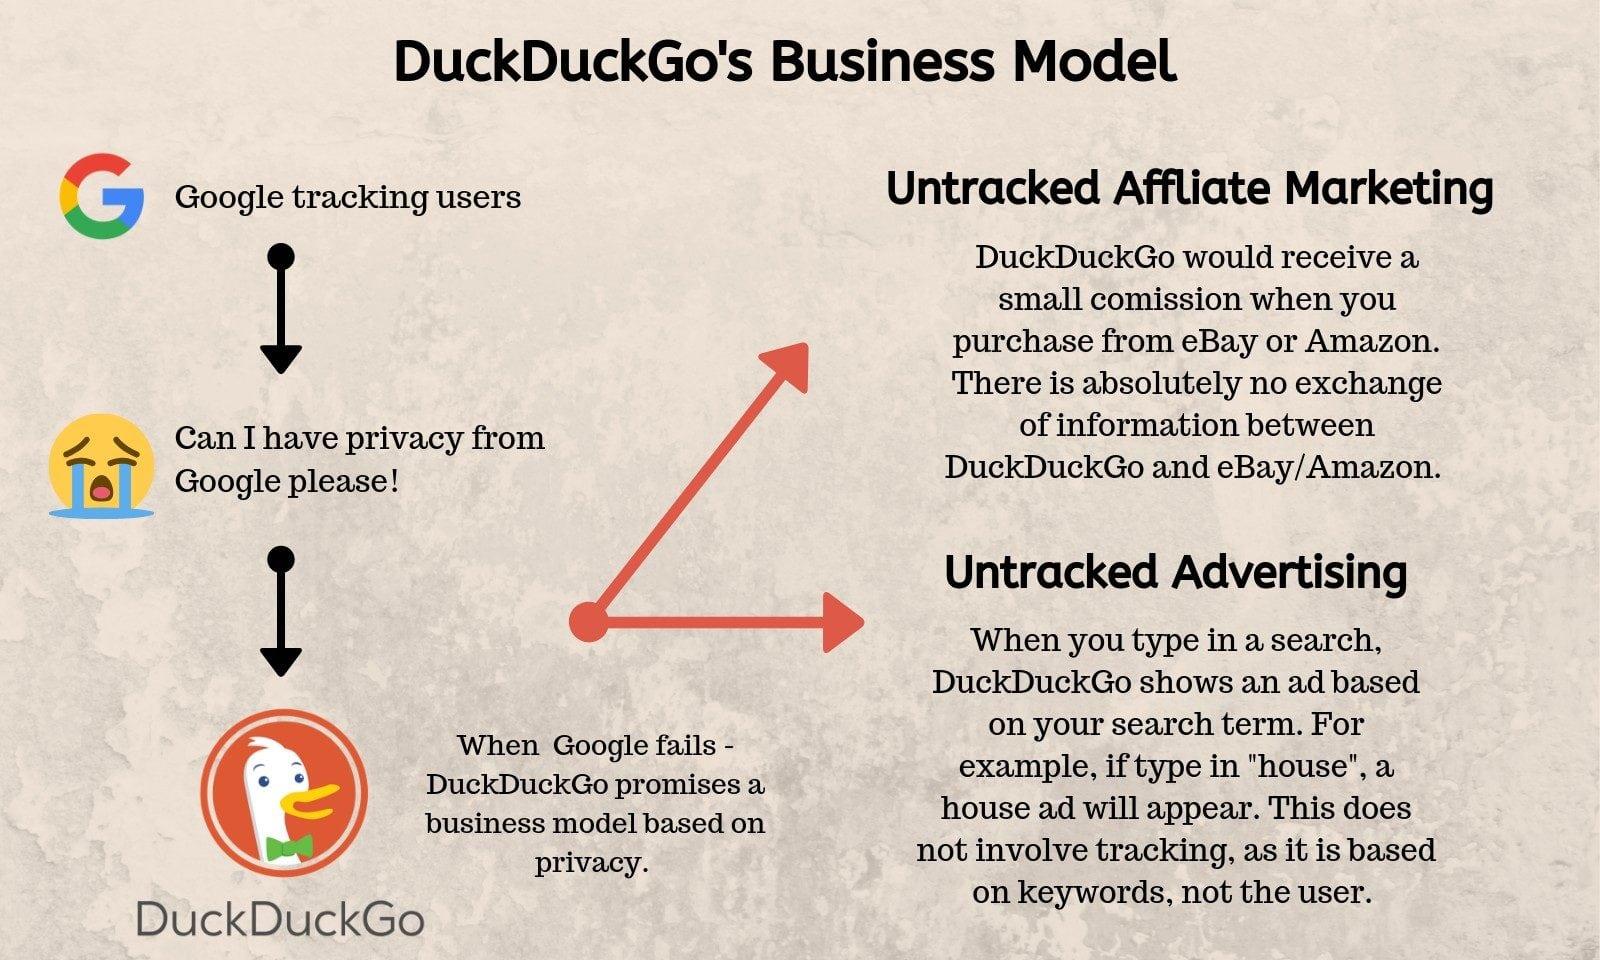 DuckDuckGo Business Model